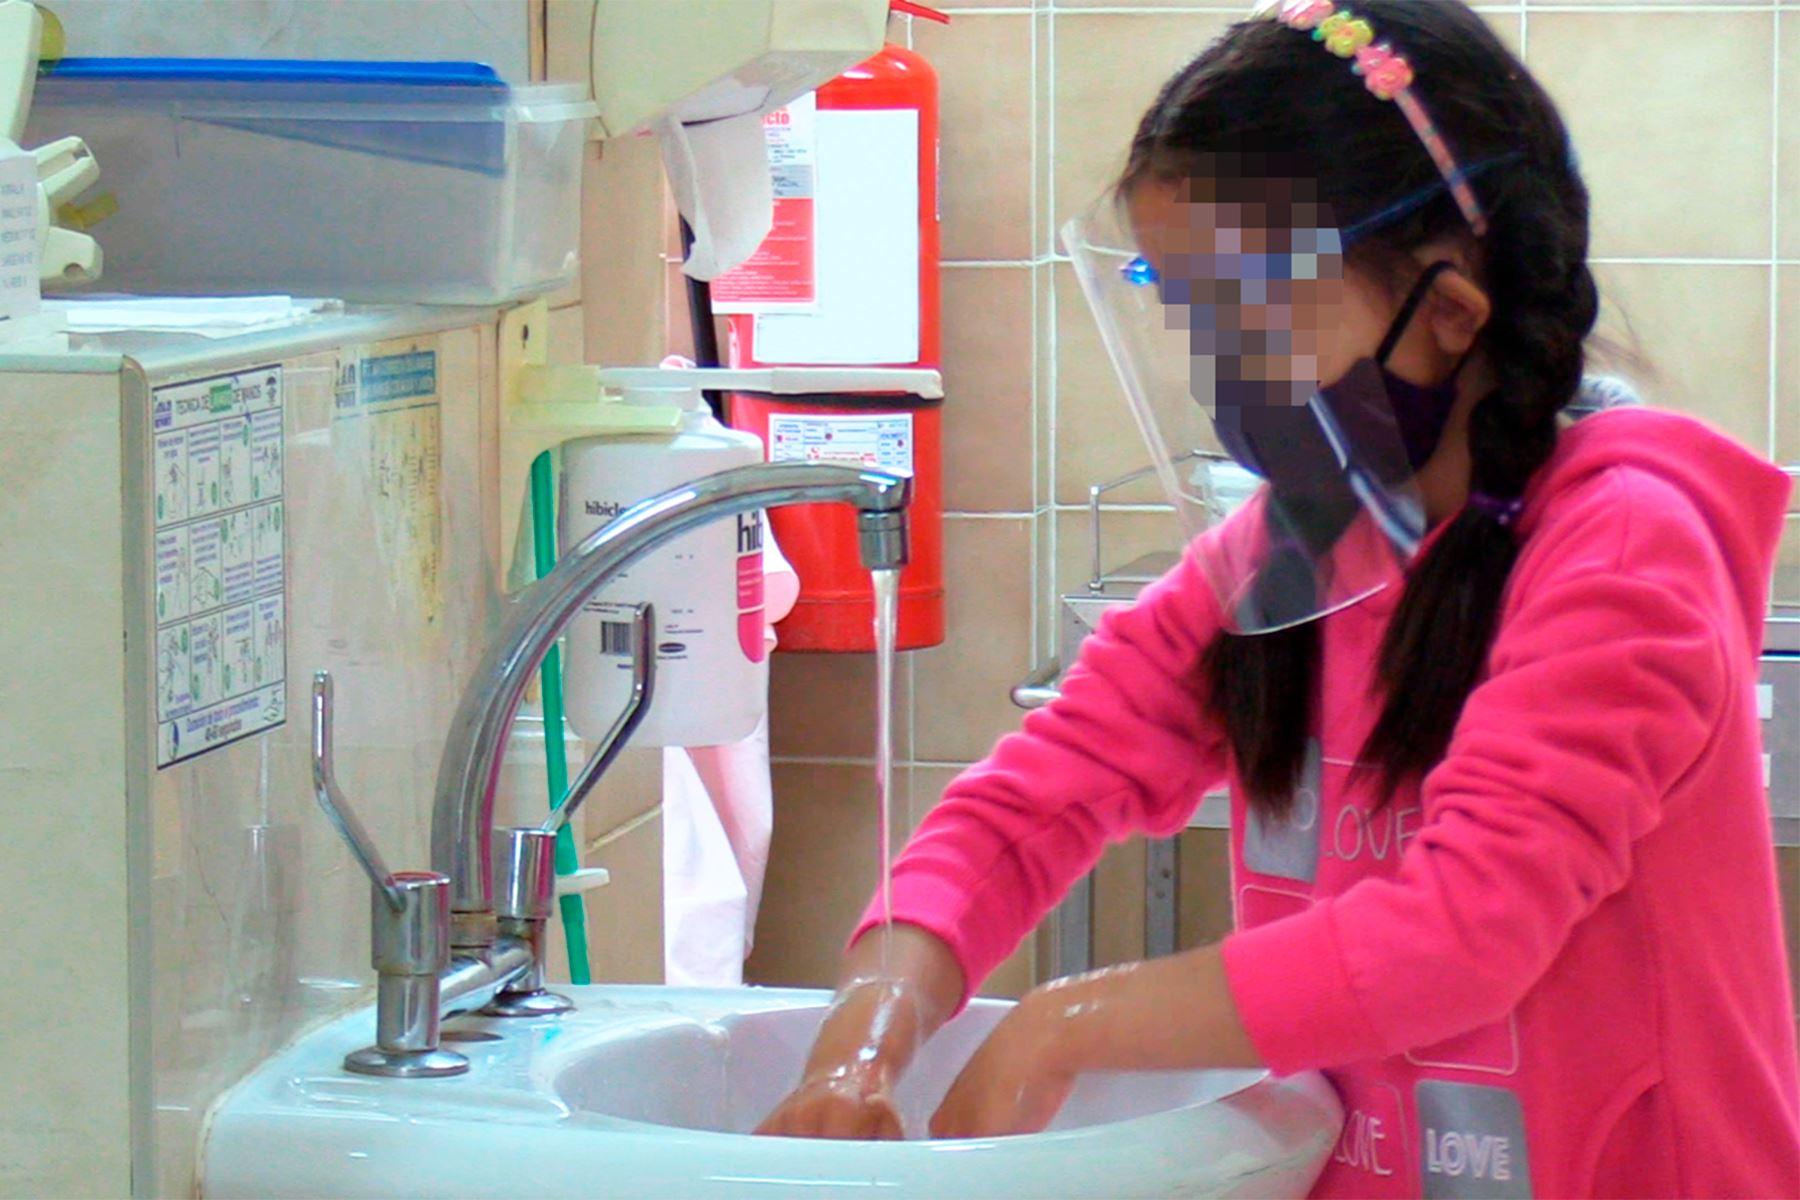 En lo que va del año, 70 niños y adolescentes han sido hospitalizados en el Instituto Nacional de Salud del Niño-Breña. Foto: ANDINA/INSN.